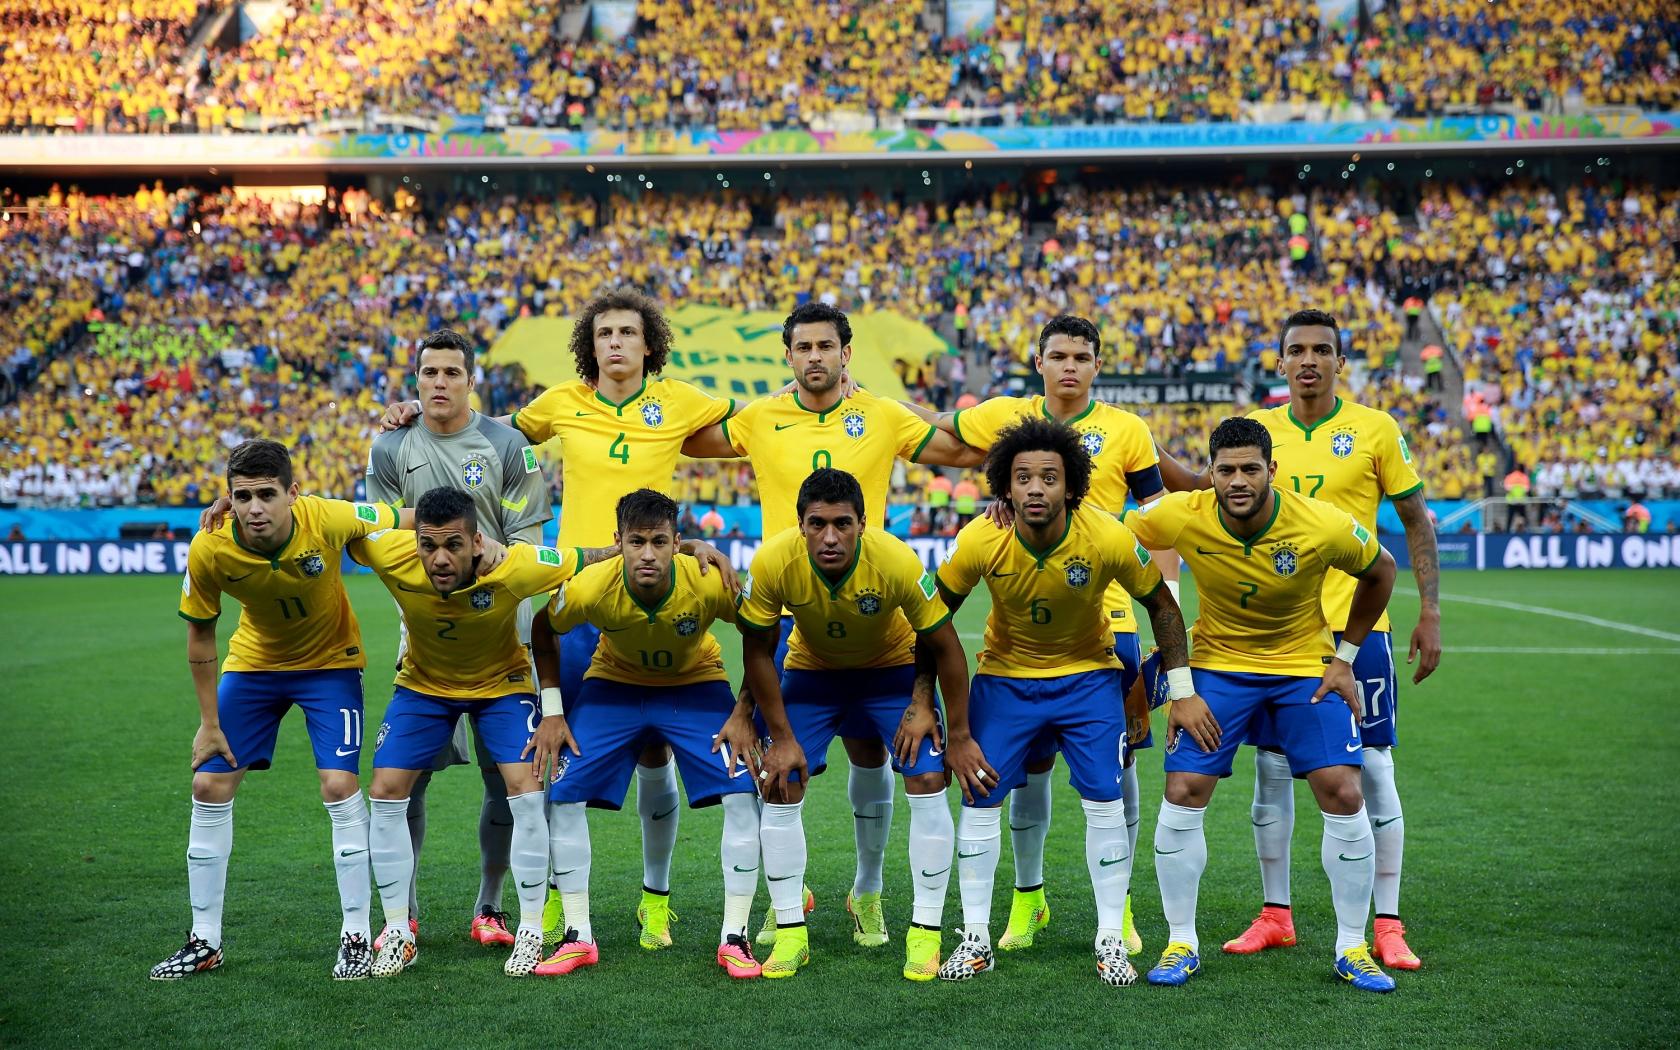 Selección de Brasil 2014 - 1680x1050